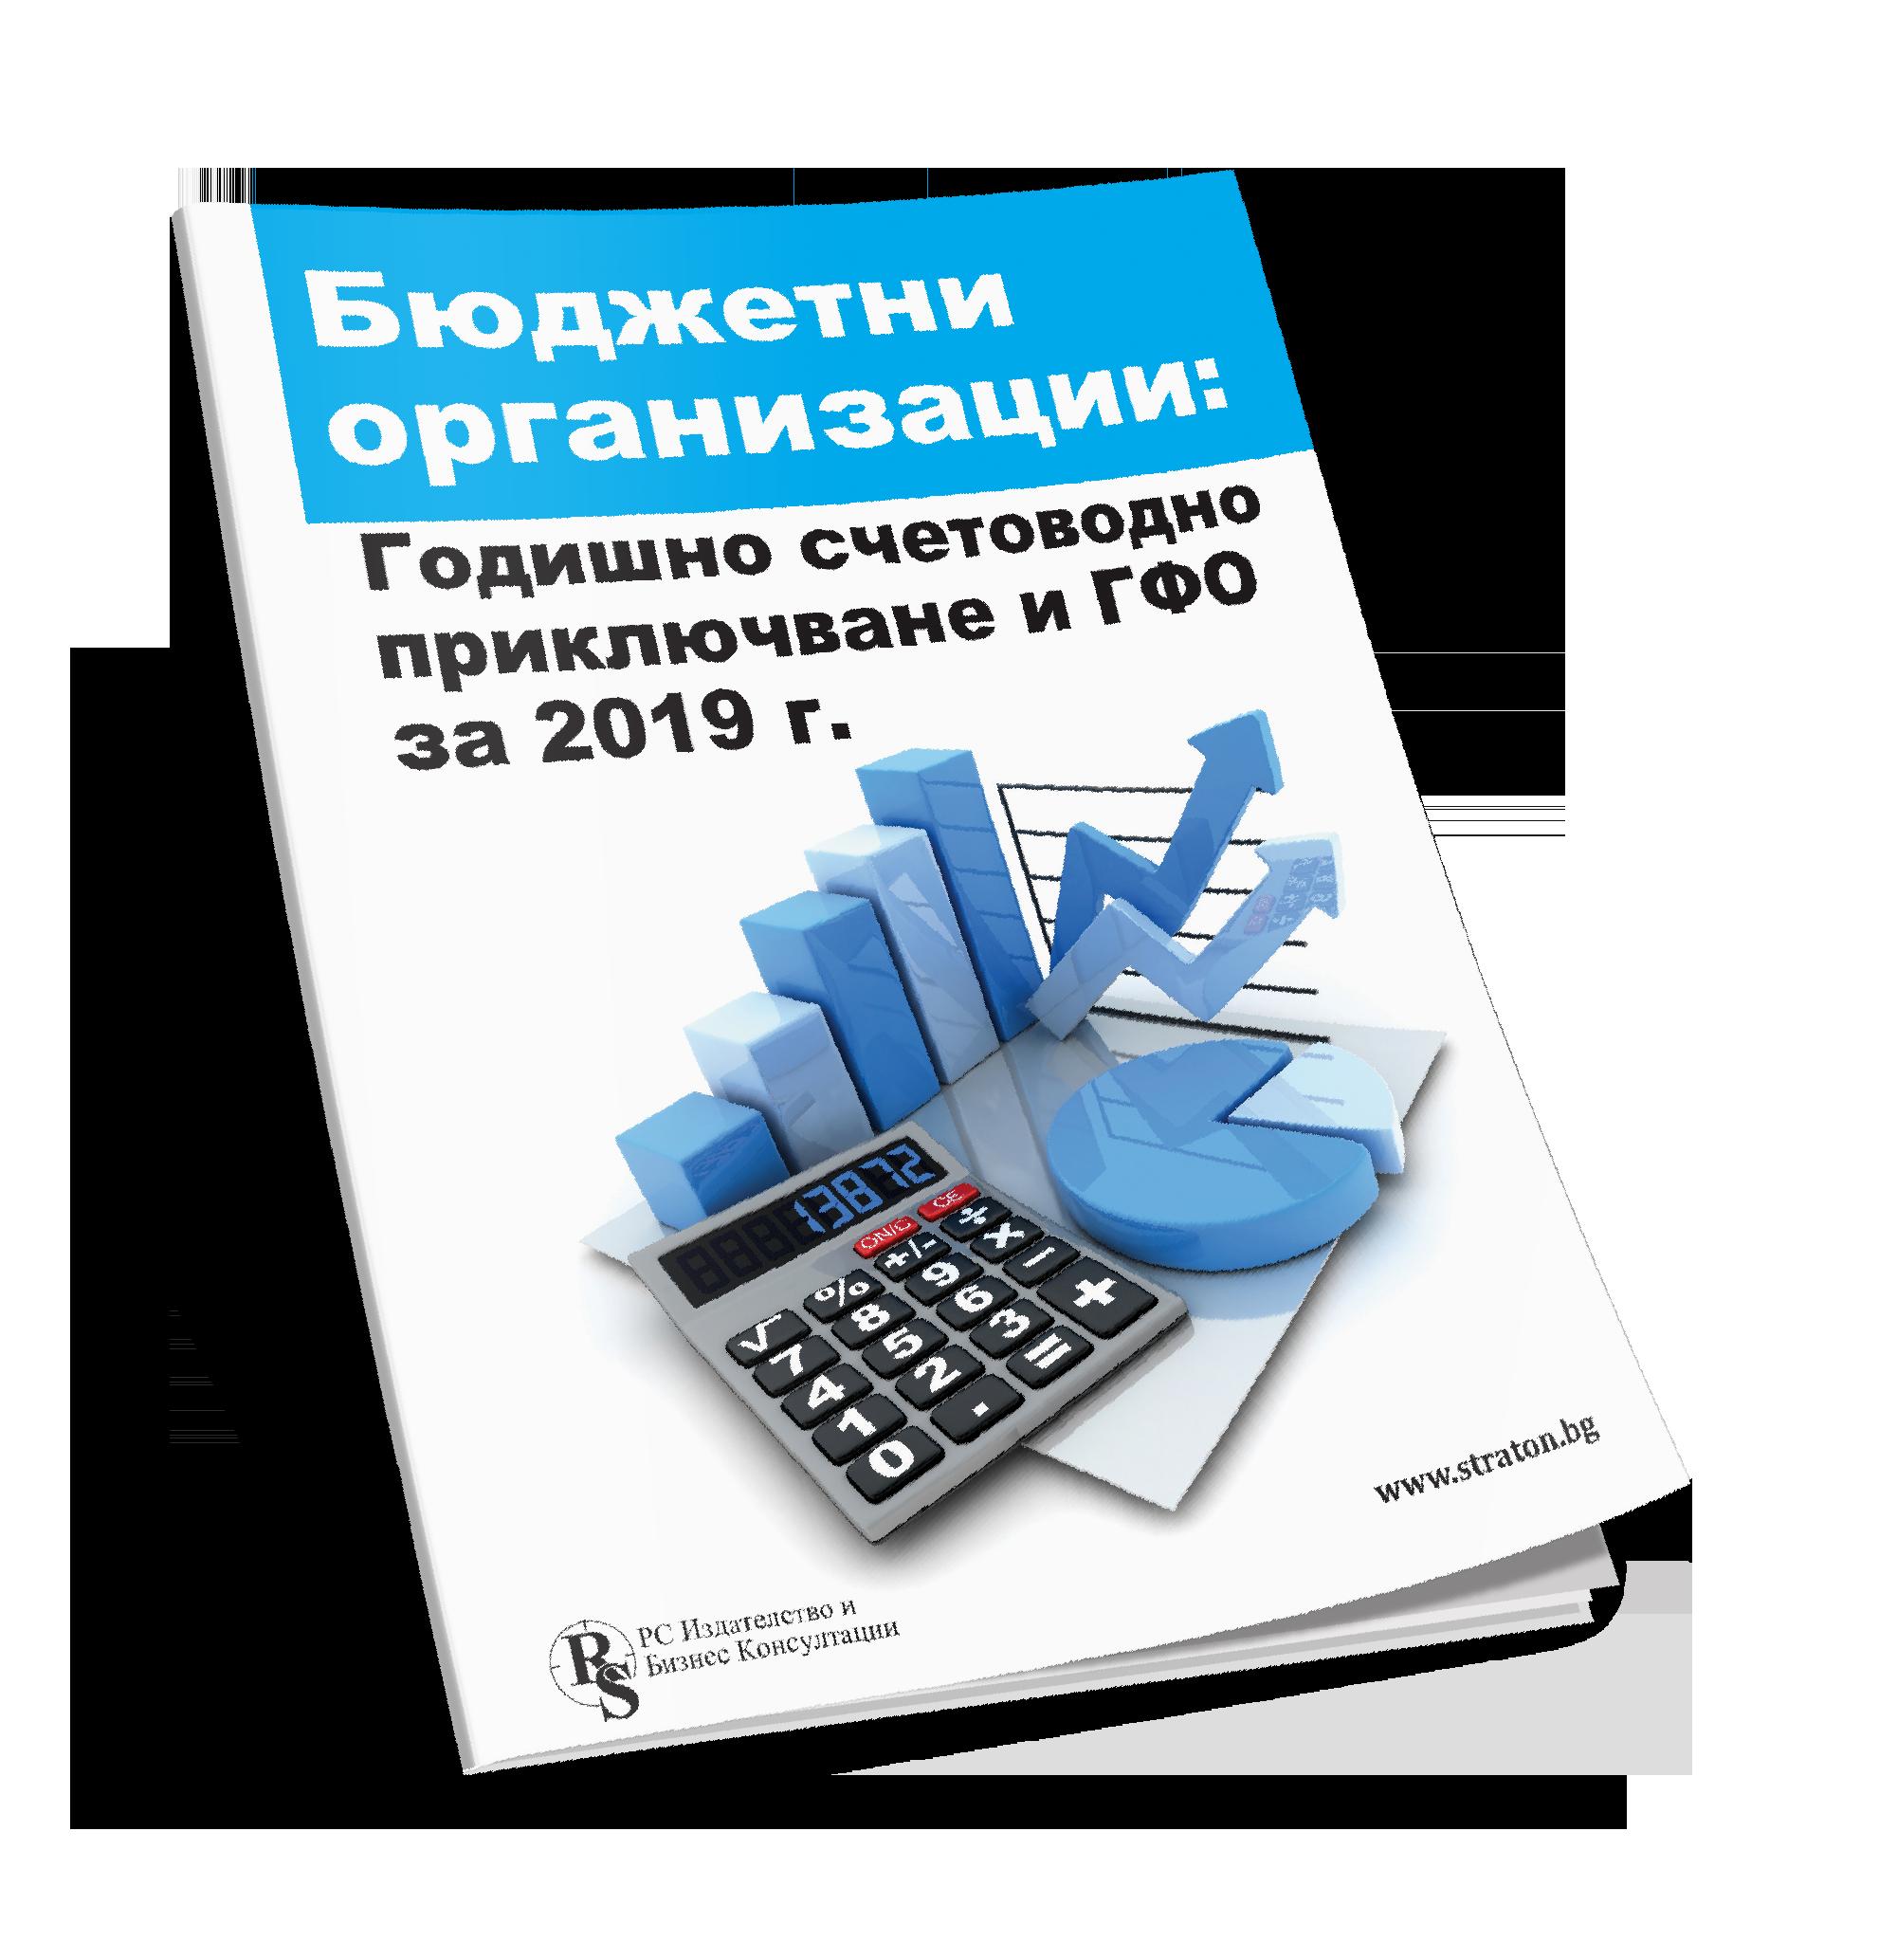 Бюджетни организации: Год. счетоводно приключване и ГФО за 2019 г. - е-издание